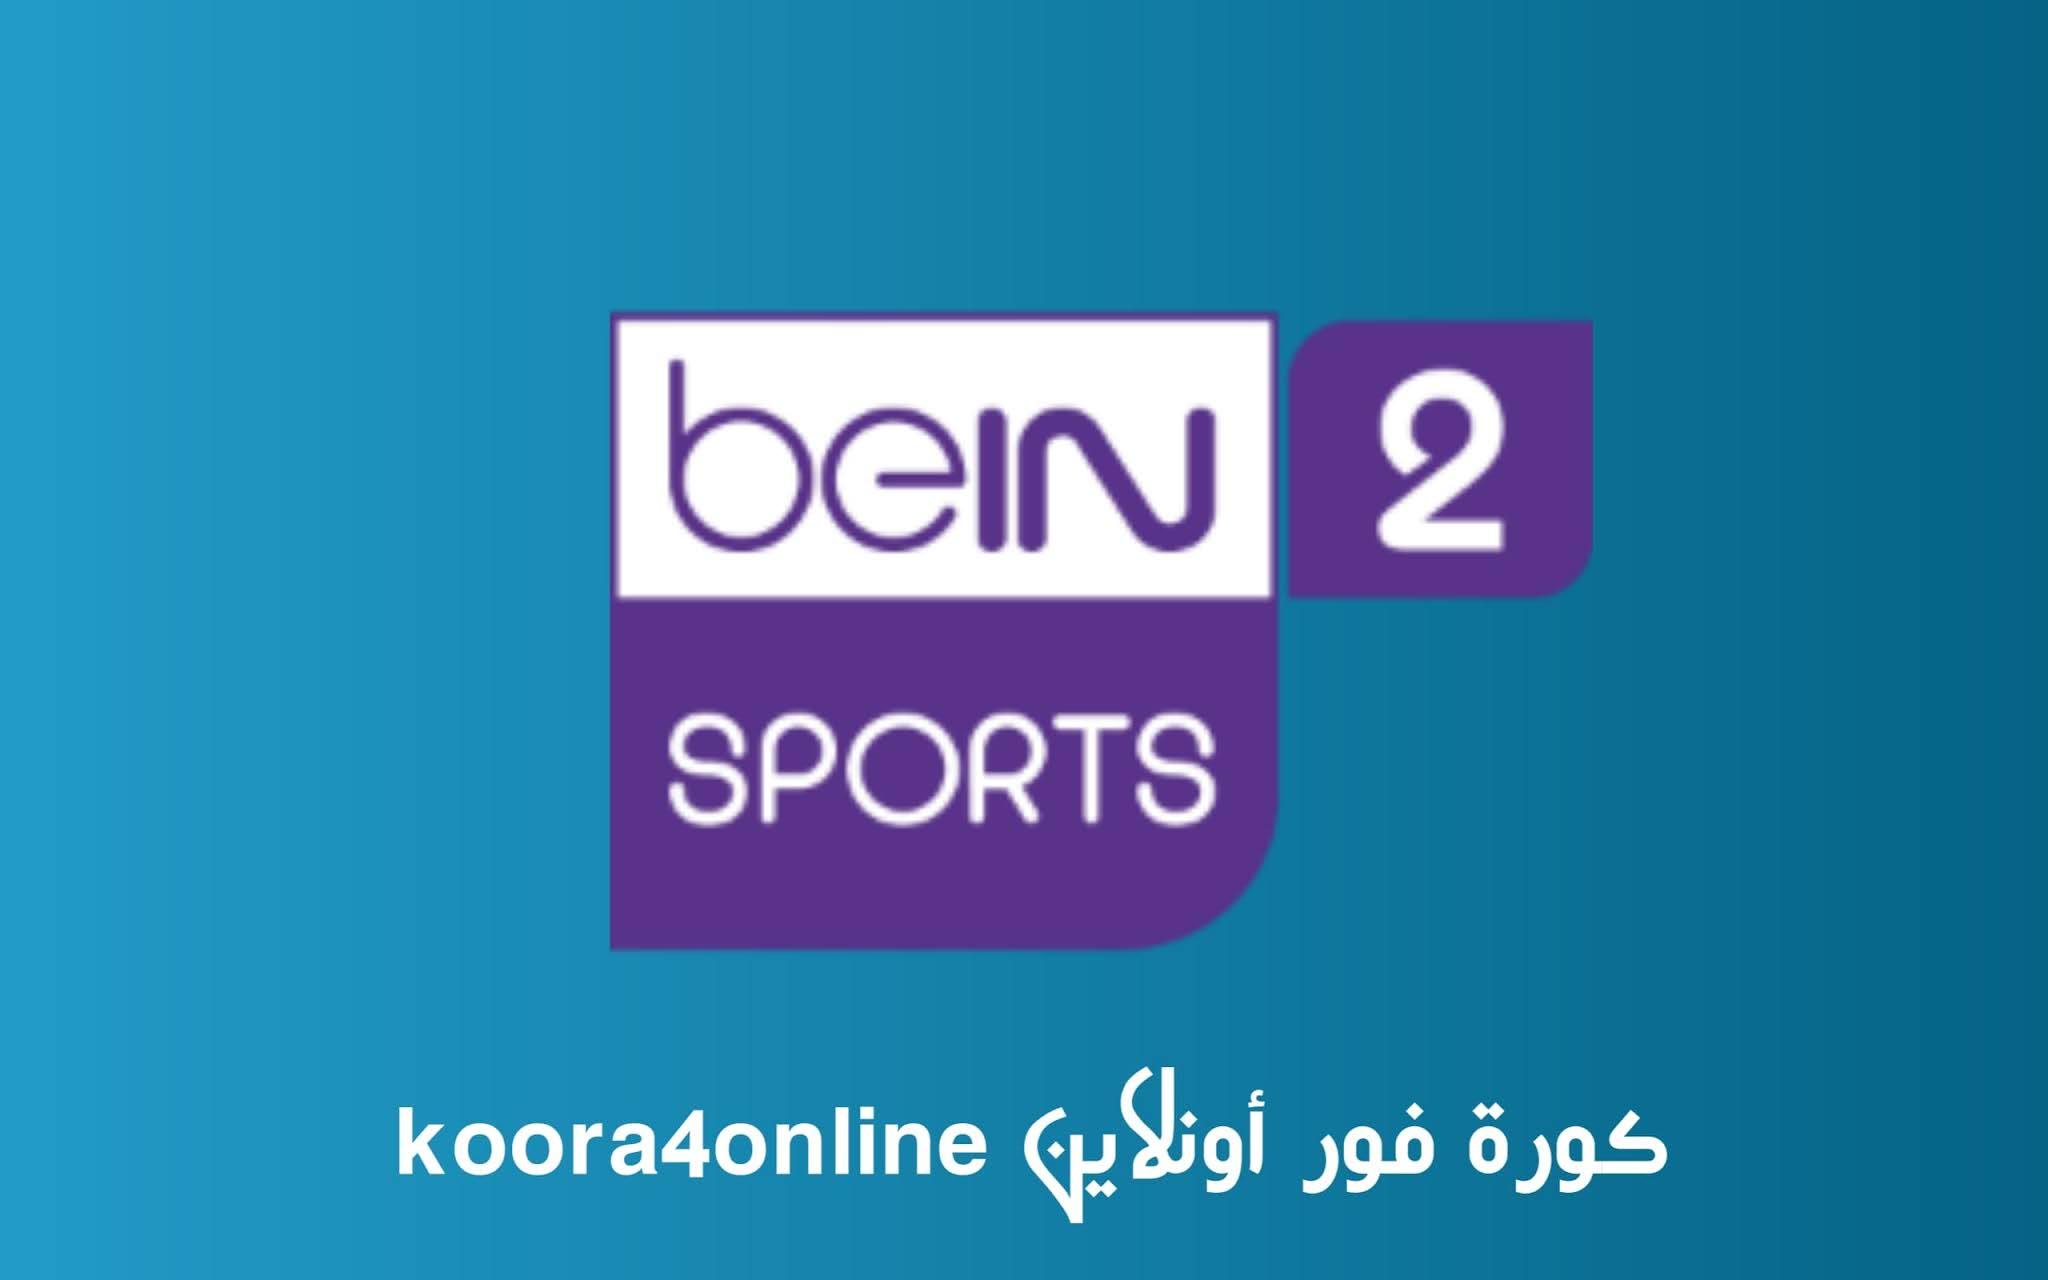 مشاهدة قناة بين سبورت  2 - bein sports 2hd | كورة فور أونلاين